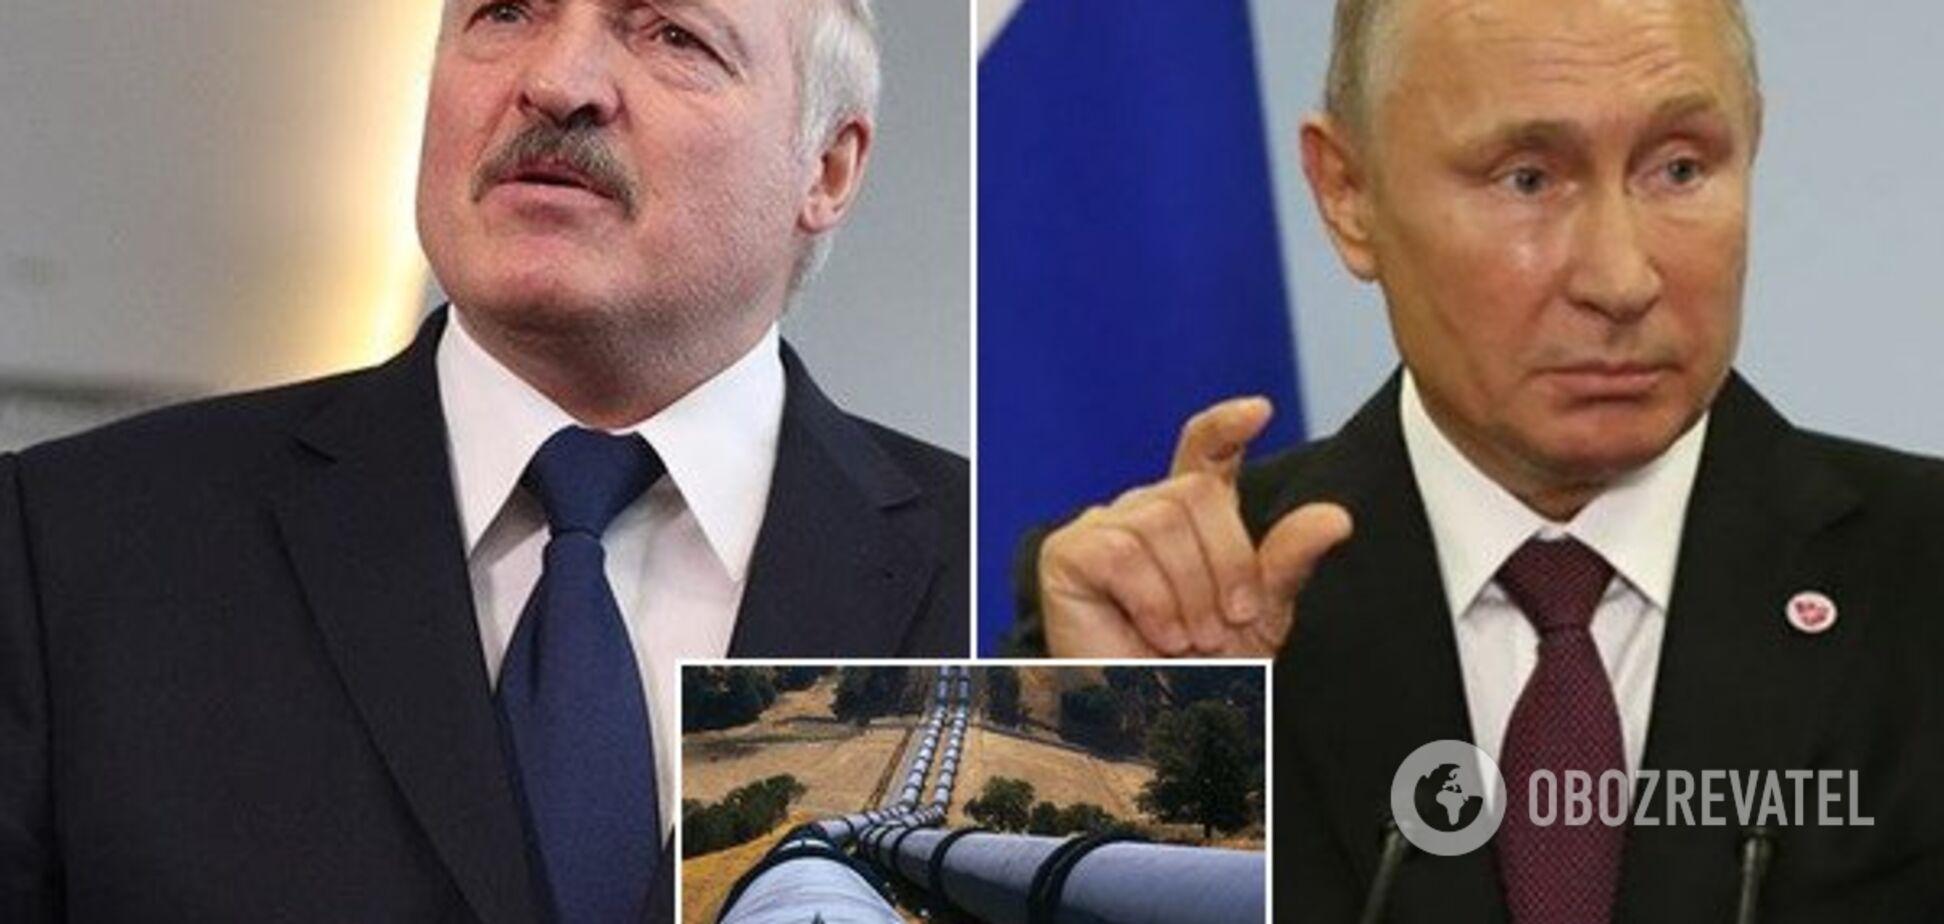 Знайшли заміну Urals: Білорусь вирішила закуповувати нафту в конкурента Росії